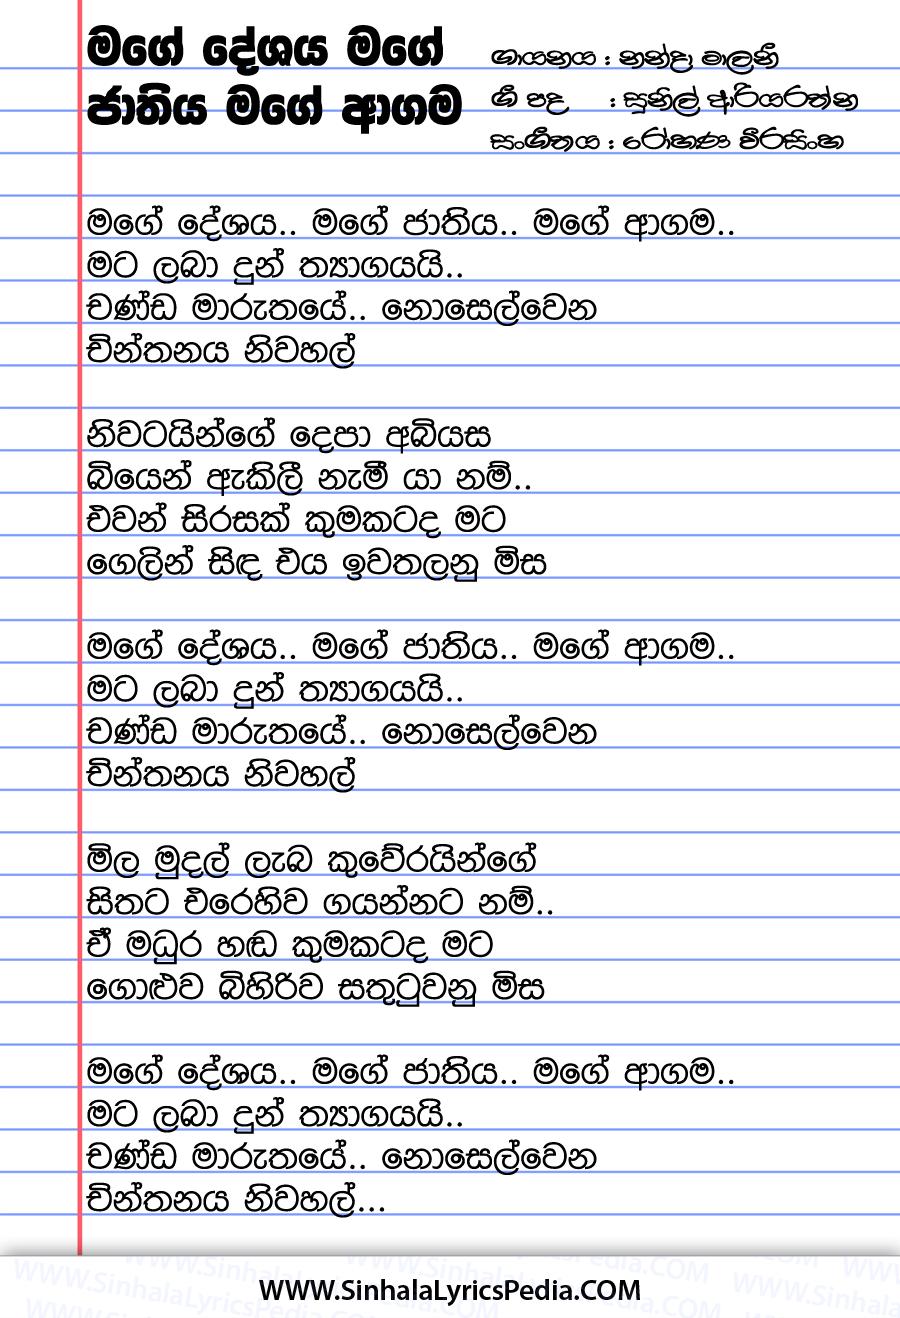 Mage Deshaya Mage Jathiya Mage Agama Song Lyrics